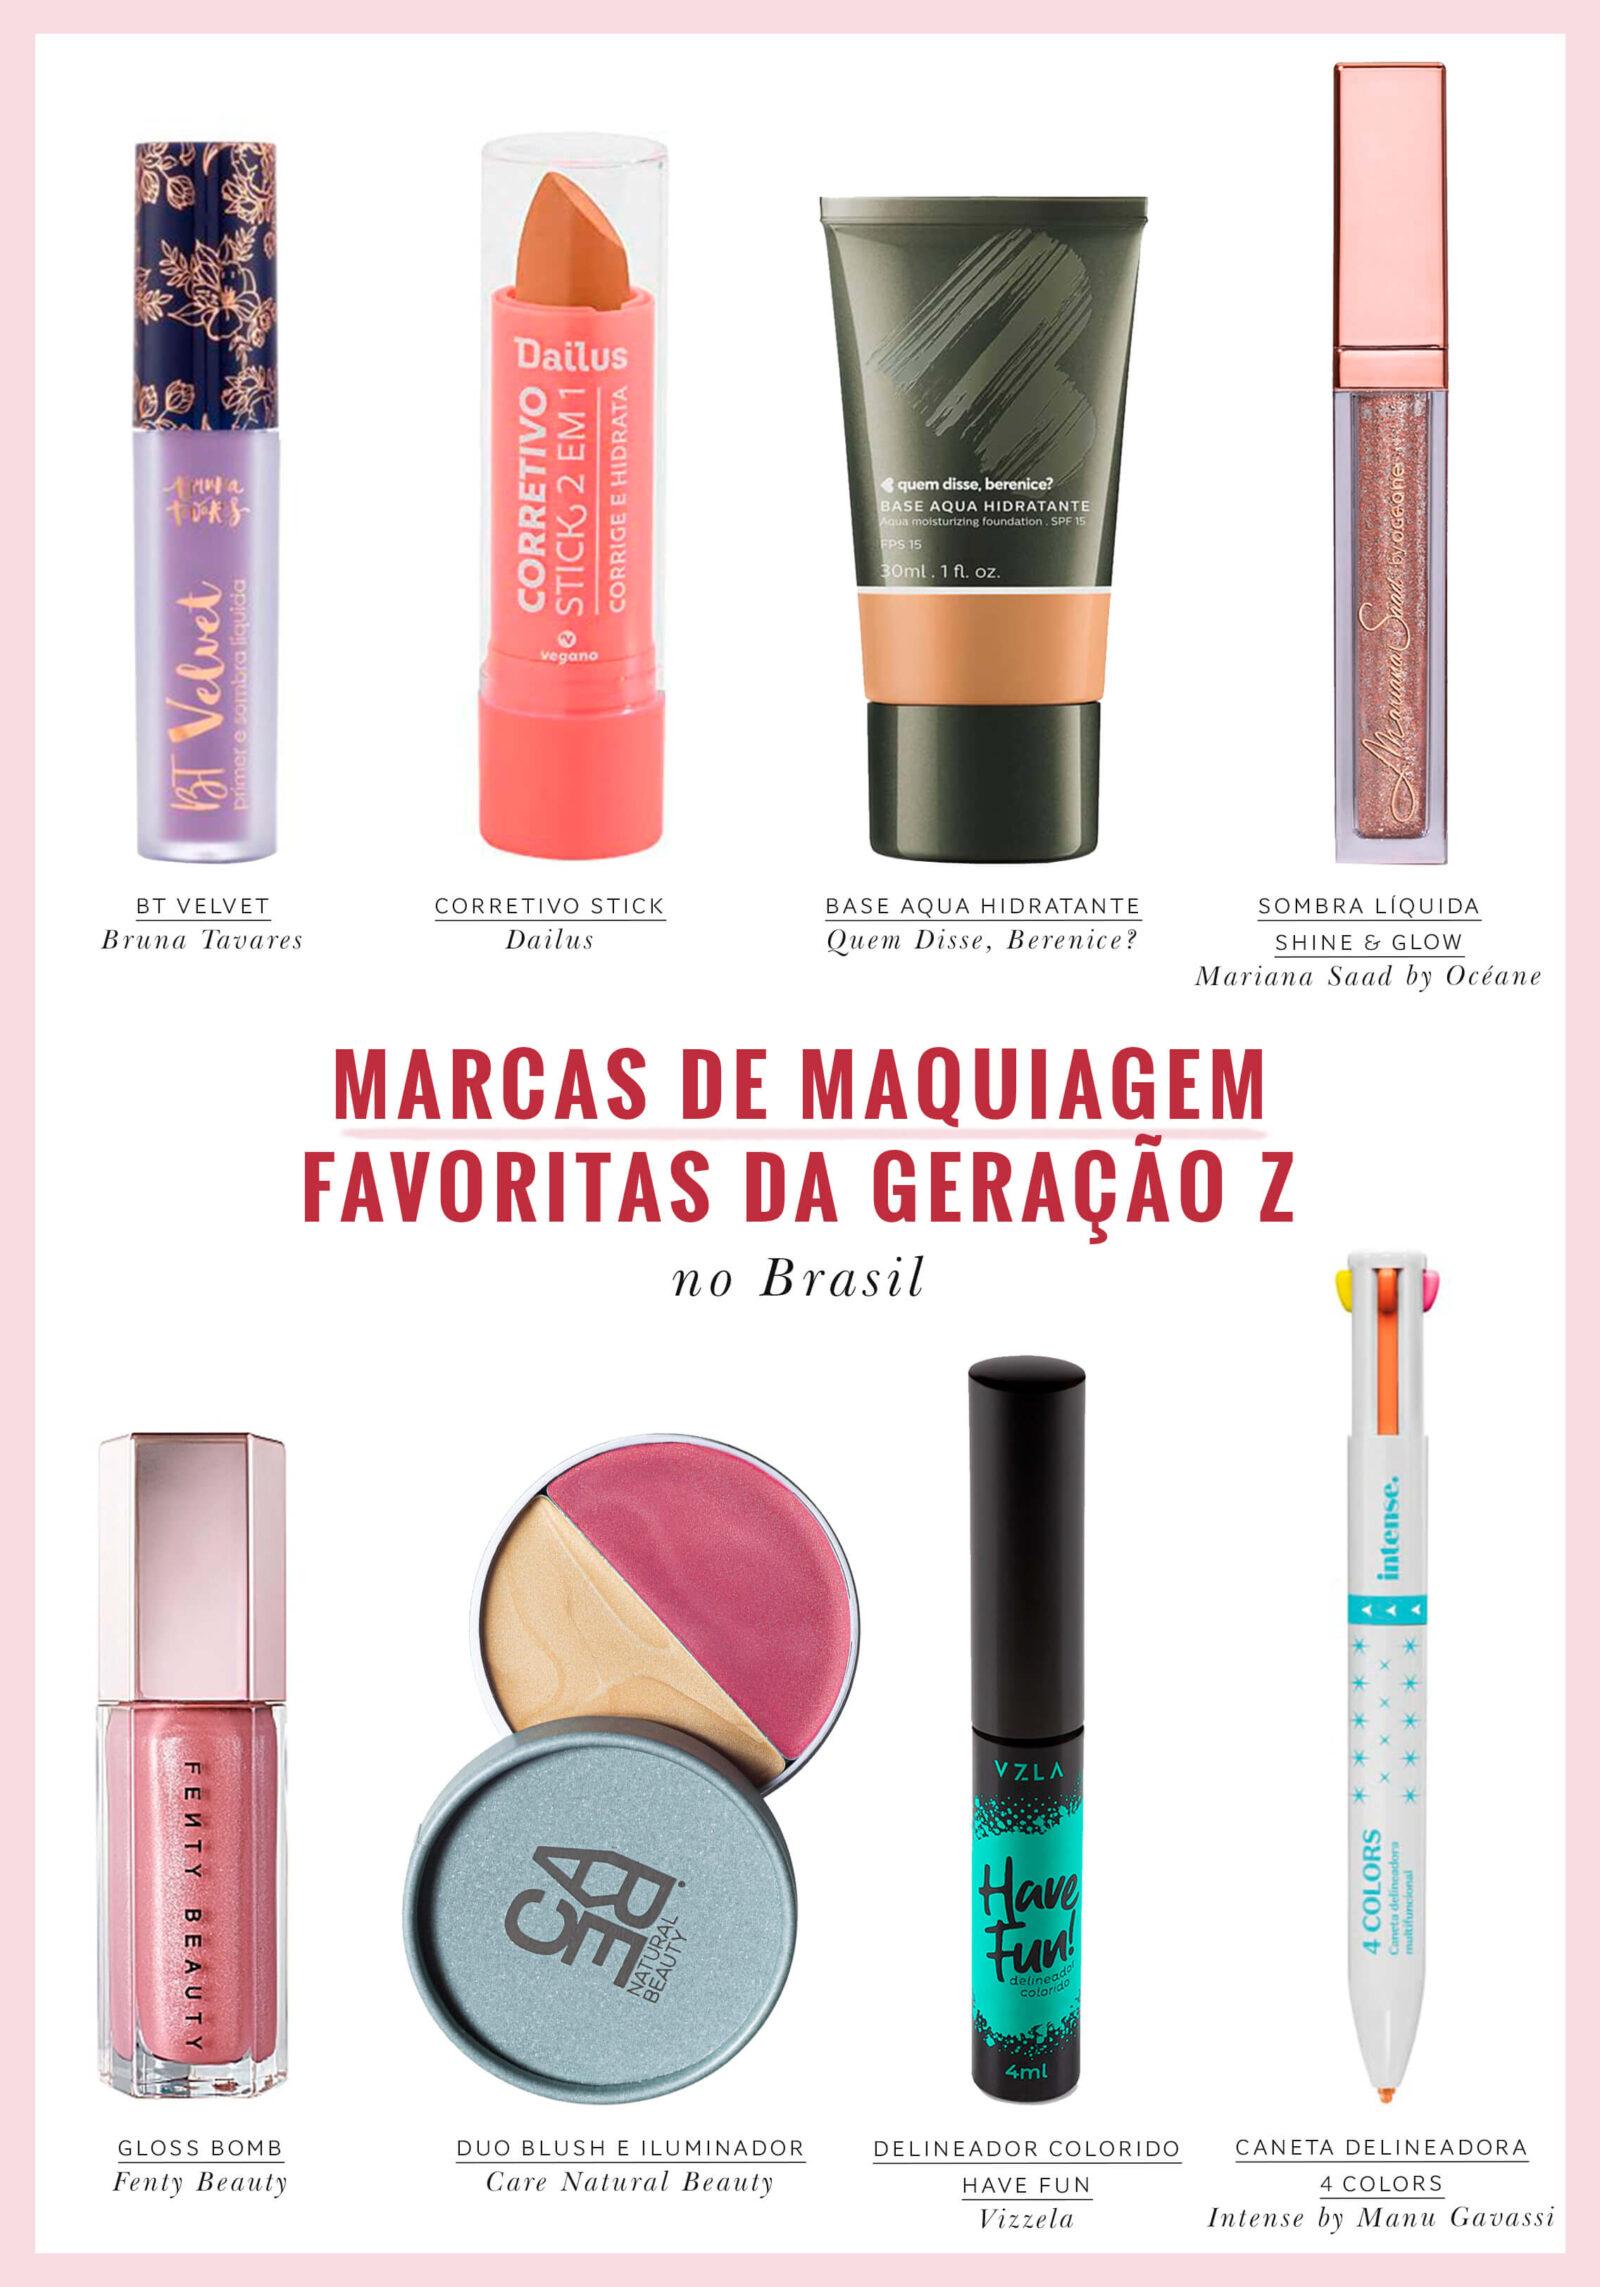 marcas de maquiagem favoritas da geração z no Brasil